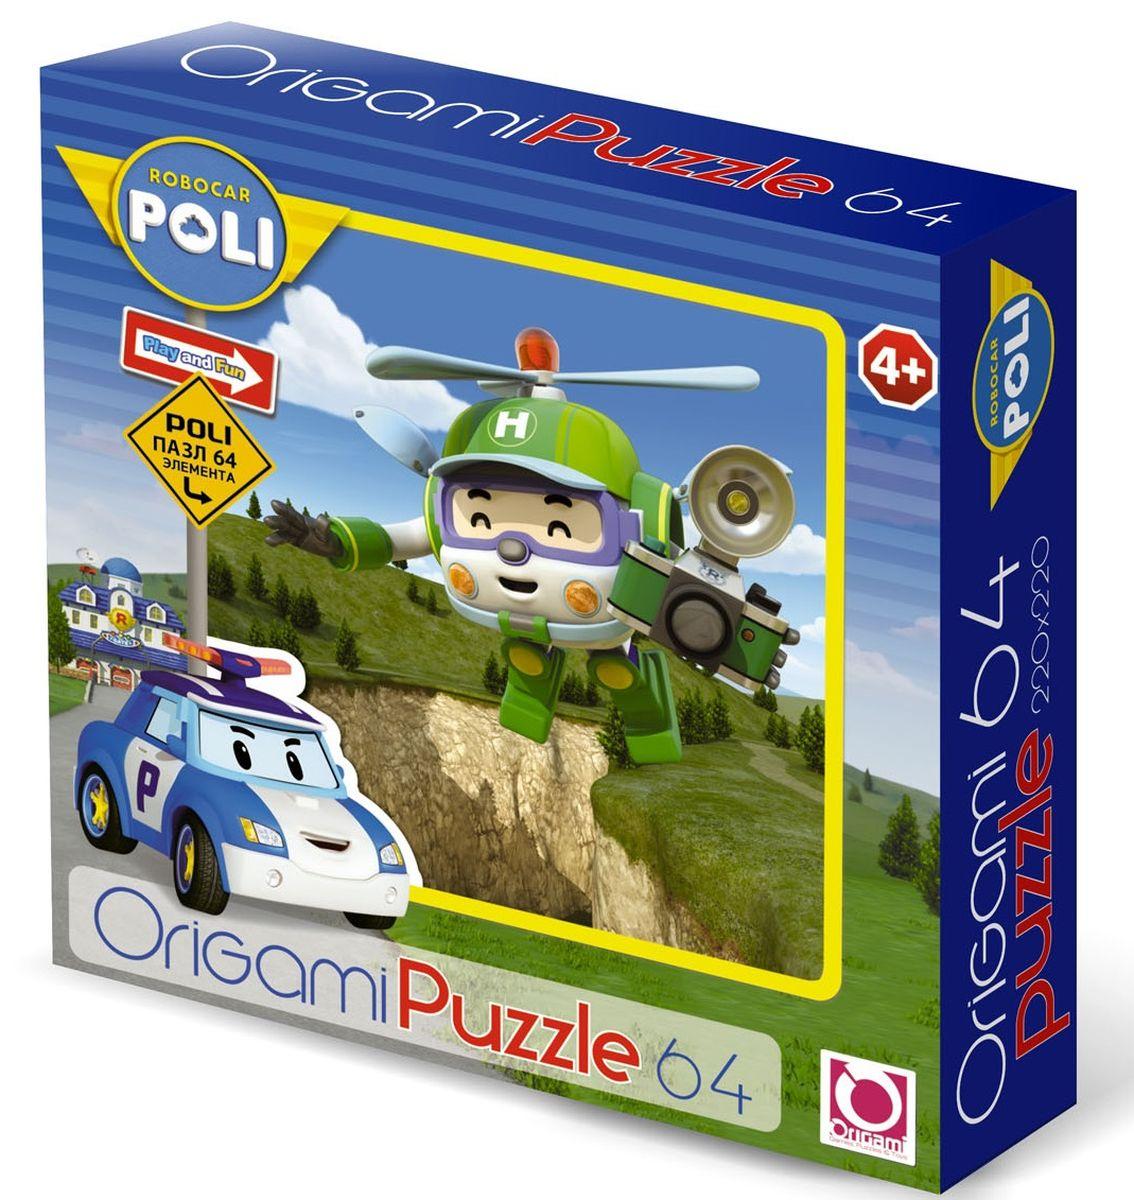 Оригами Пазл для малышей Robocar Poli 05905 оригами для мальчика